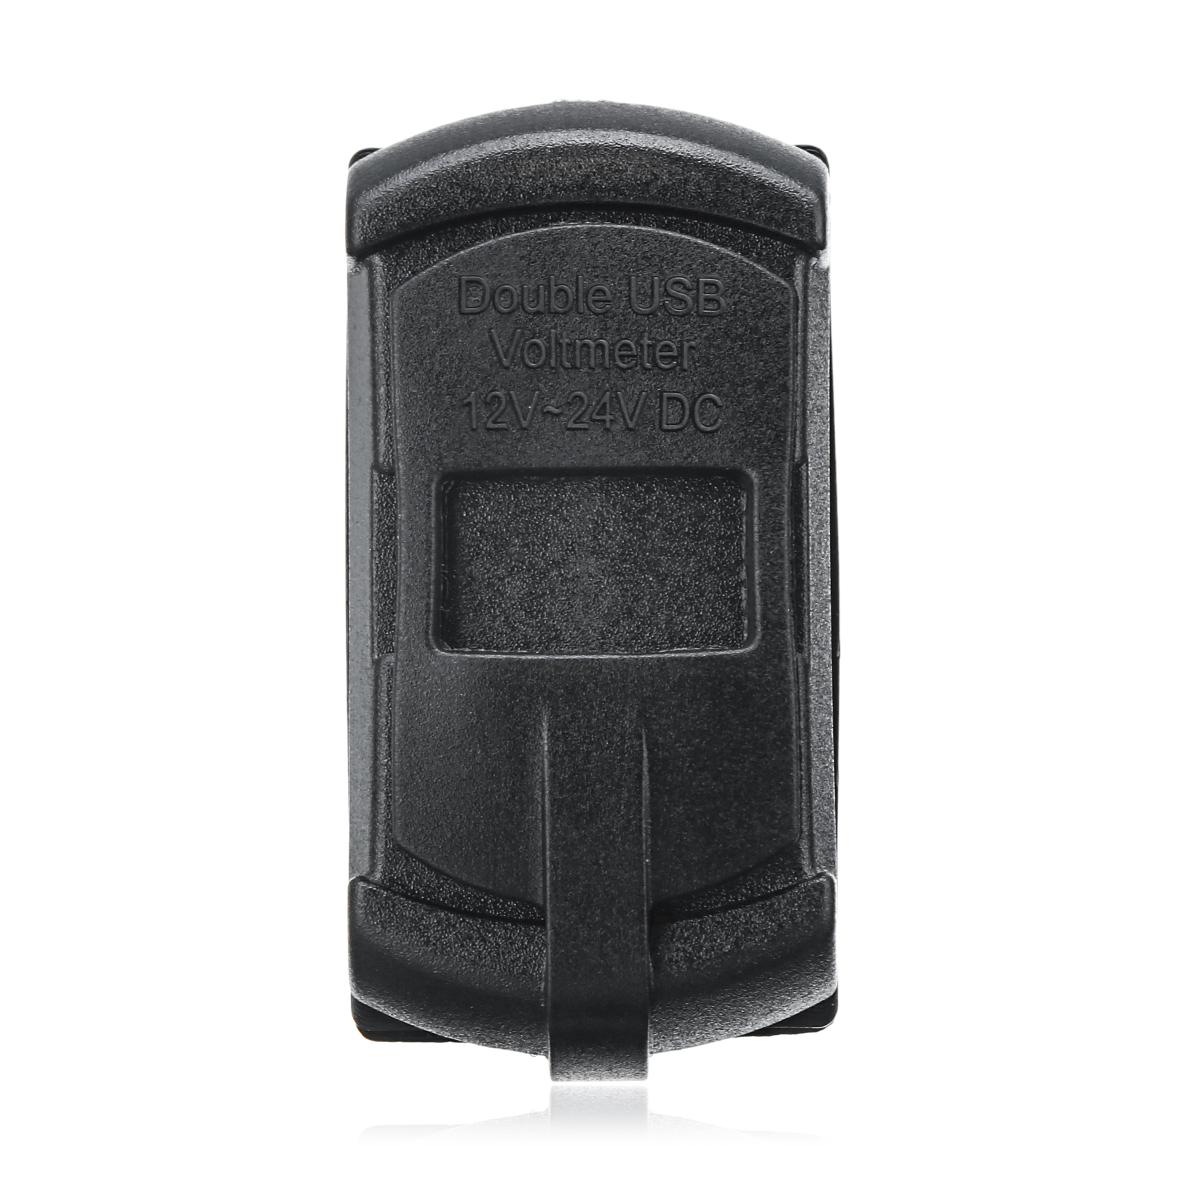 Зарядное устройство USB для Polaris UTV RZR RZR4 Ranger XP 1000 900 800 Crew 2015 2016 - фото 5